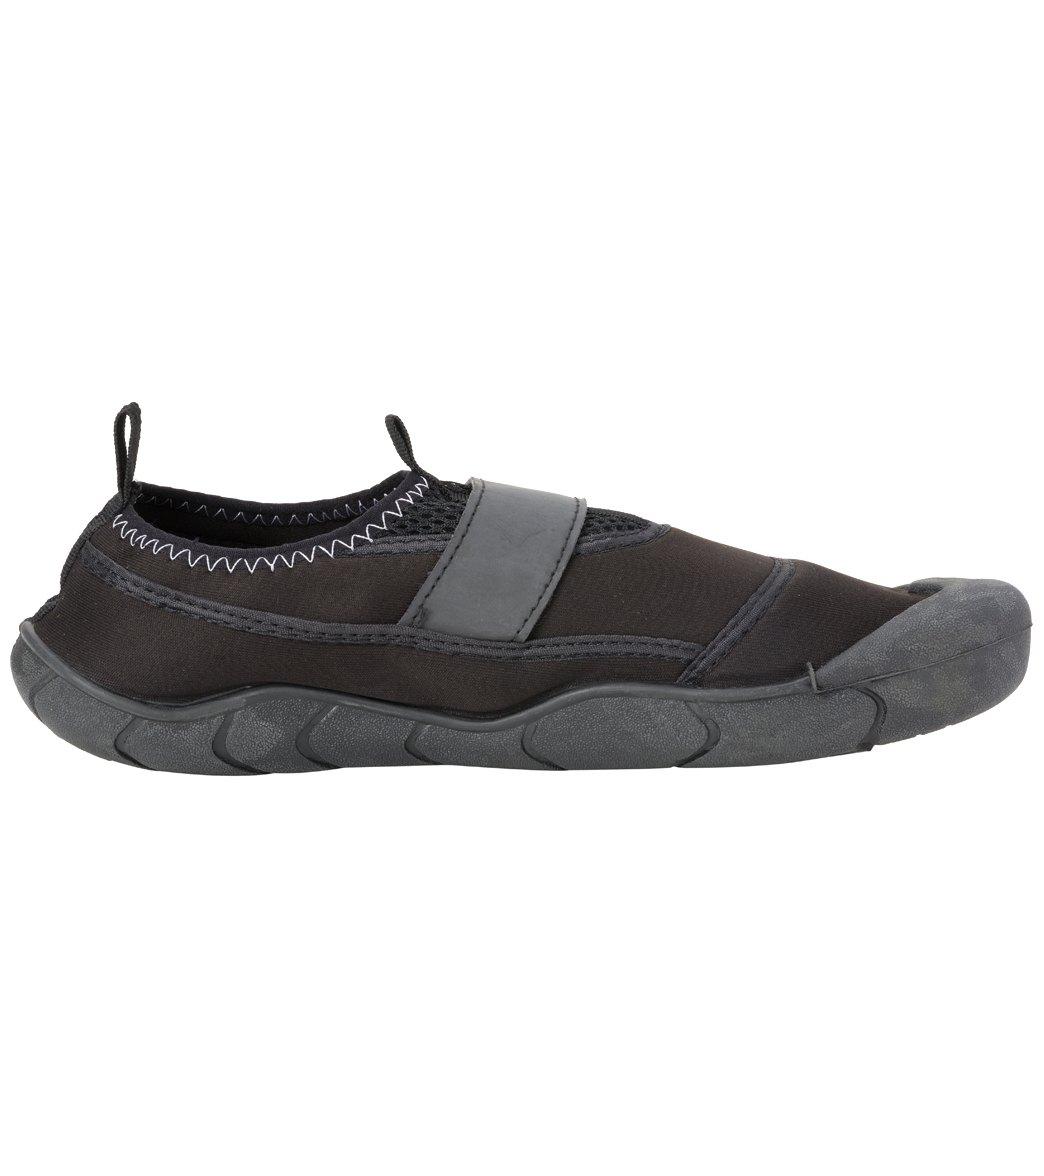 nike shoes 631835 14124 zip code 931060